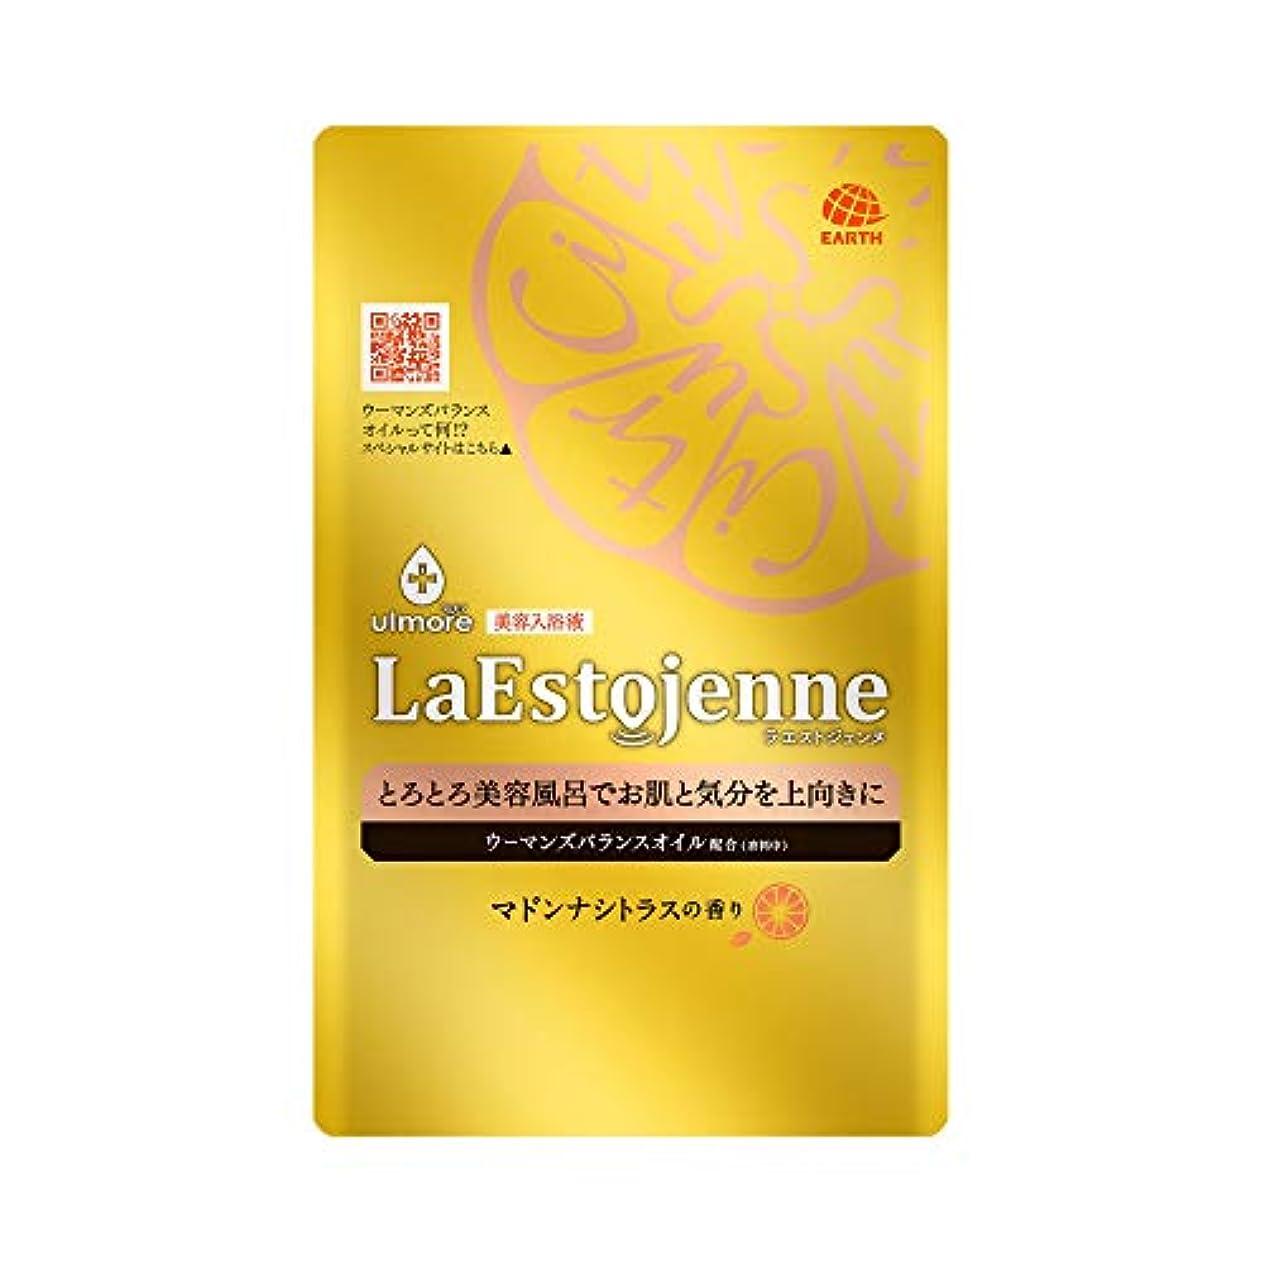 機構スムーズにグラムウルモア ラエストジェンヌ 入浴剤 マドンナシトラスの香り [160ml x 1包入り]